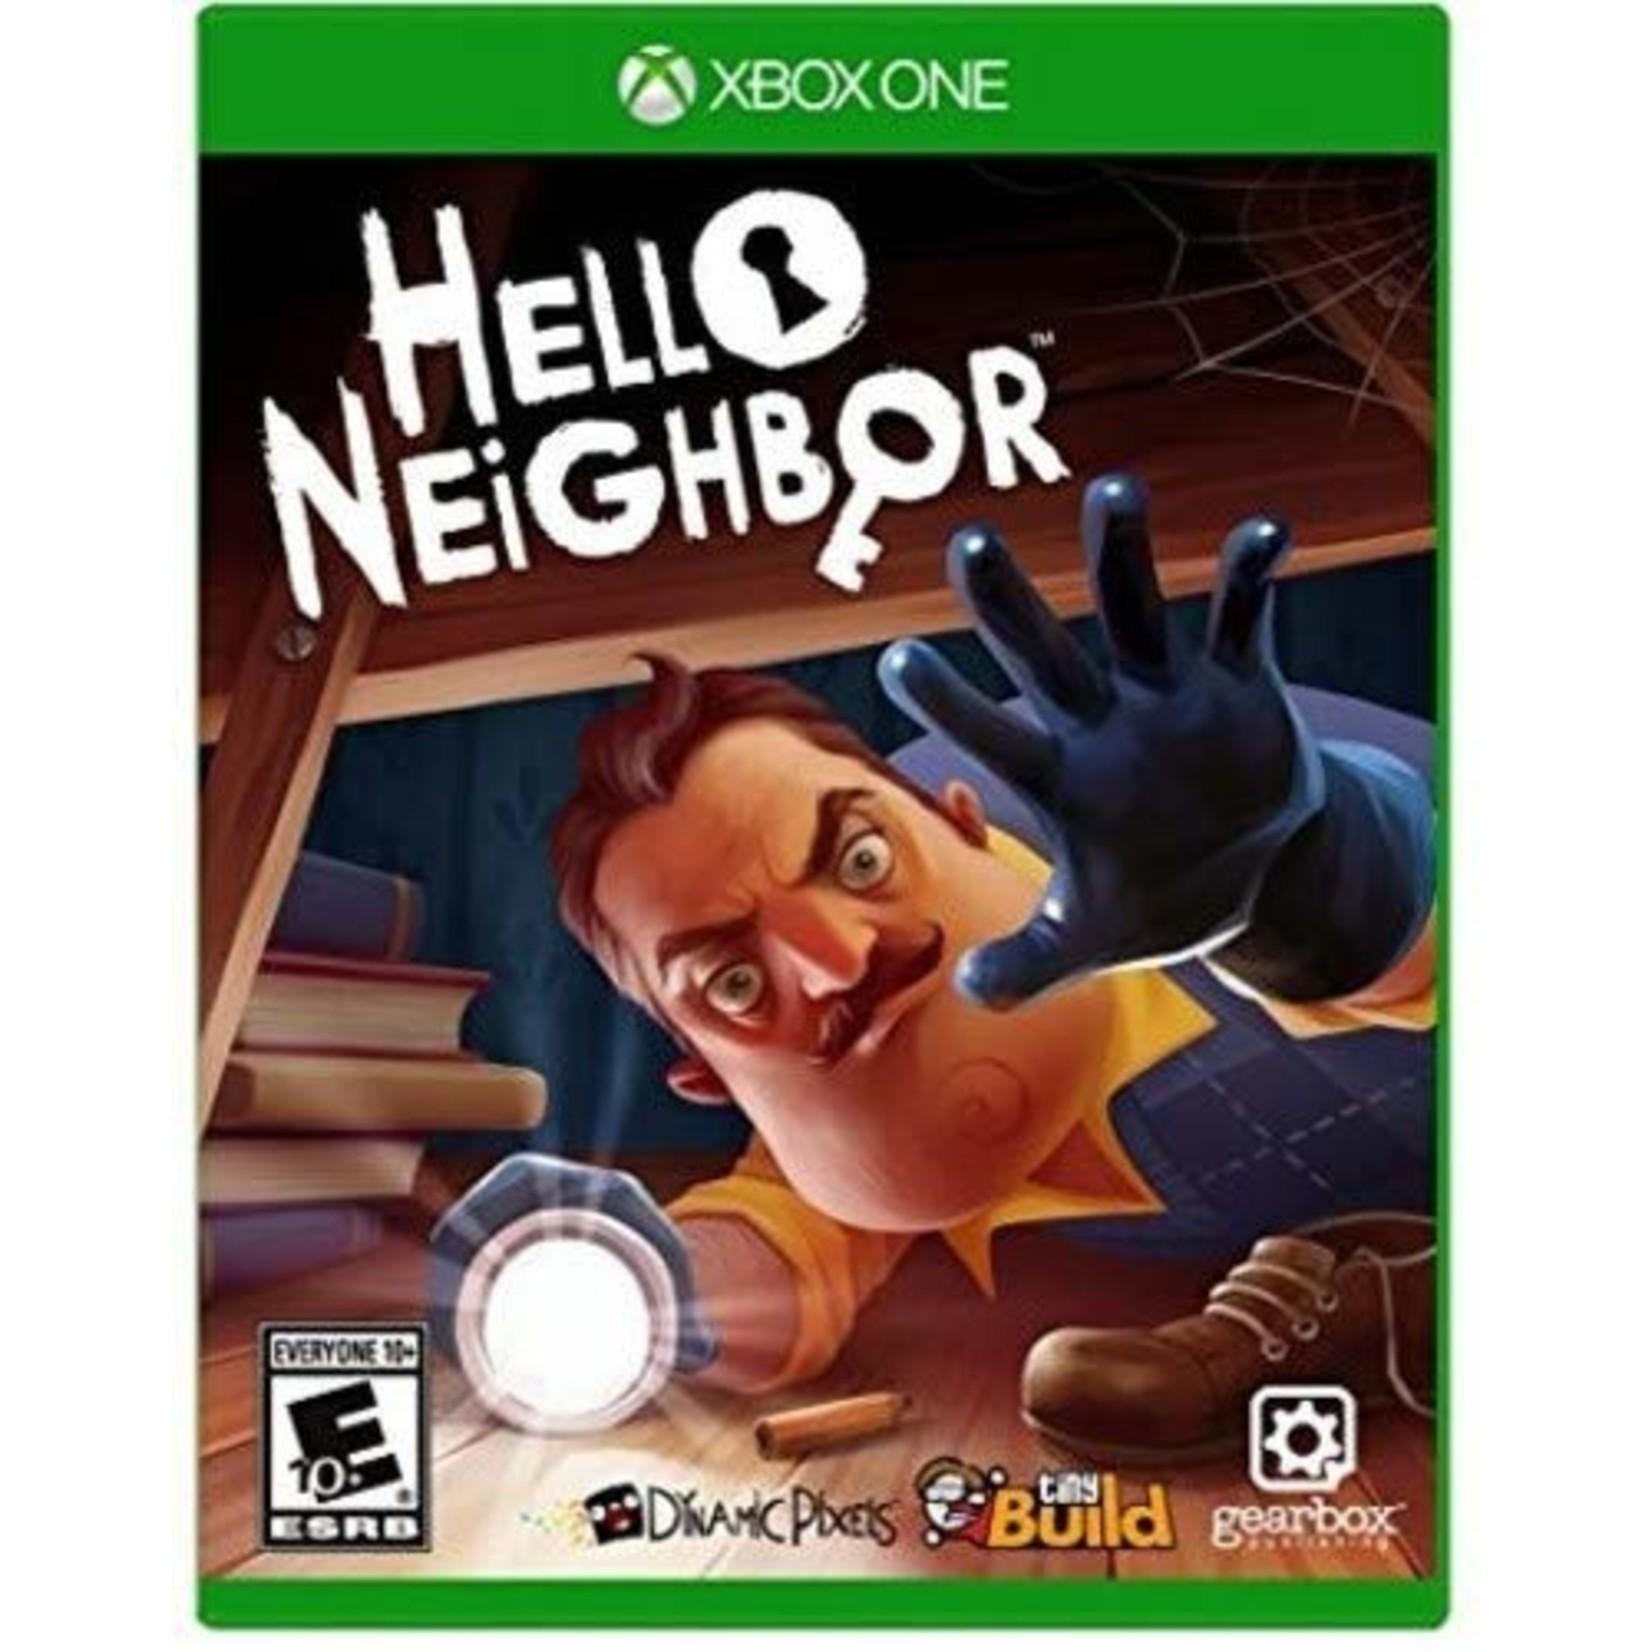 XB1-HELLO NEIGHBOR